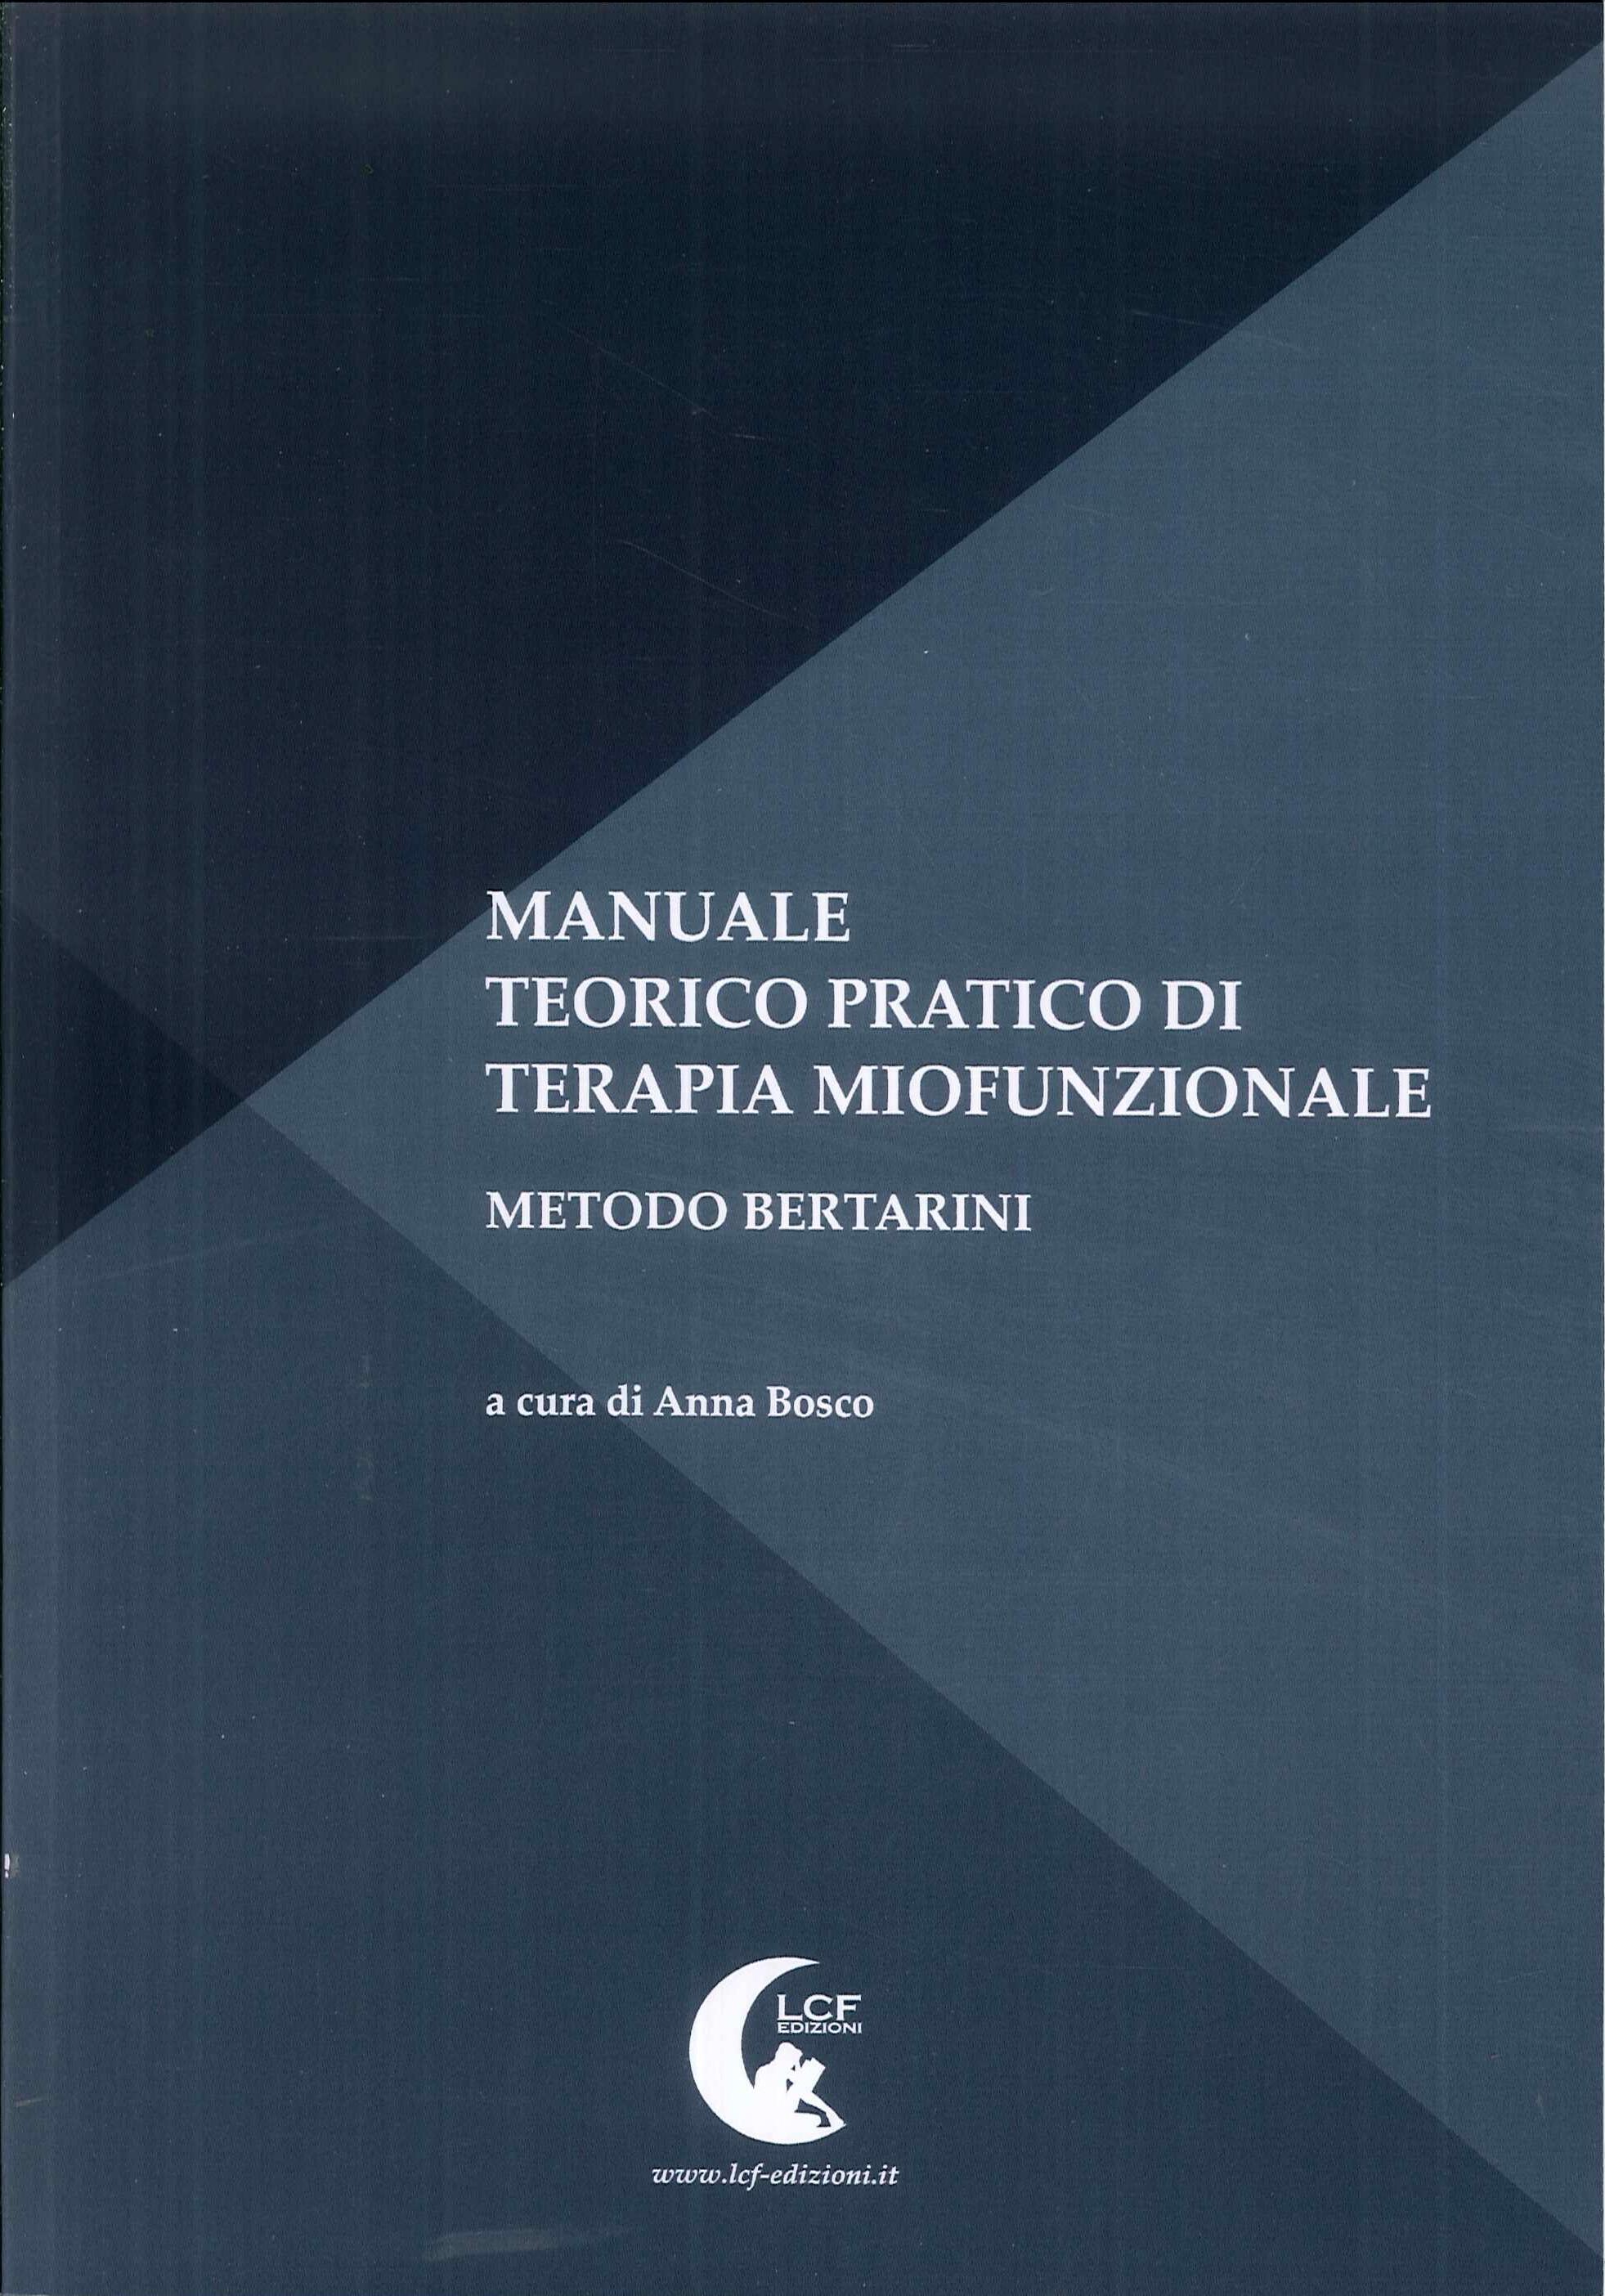 Manuale teorico pratico di terapia miofunzionale.